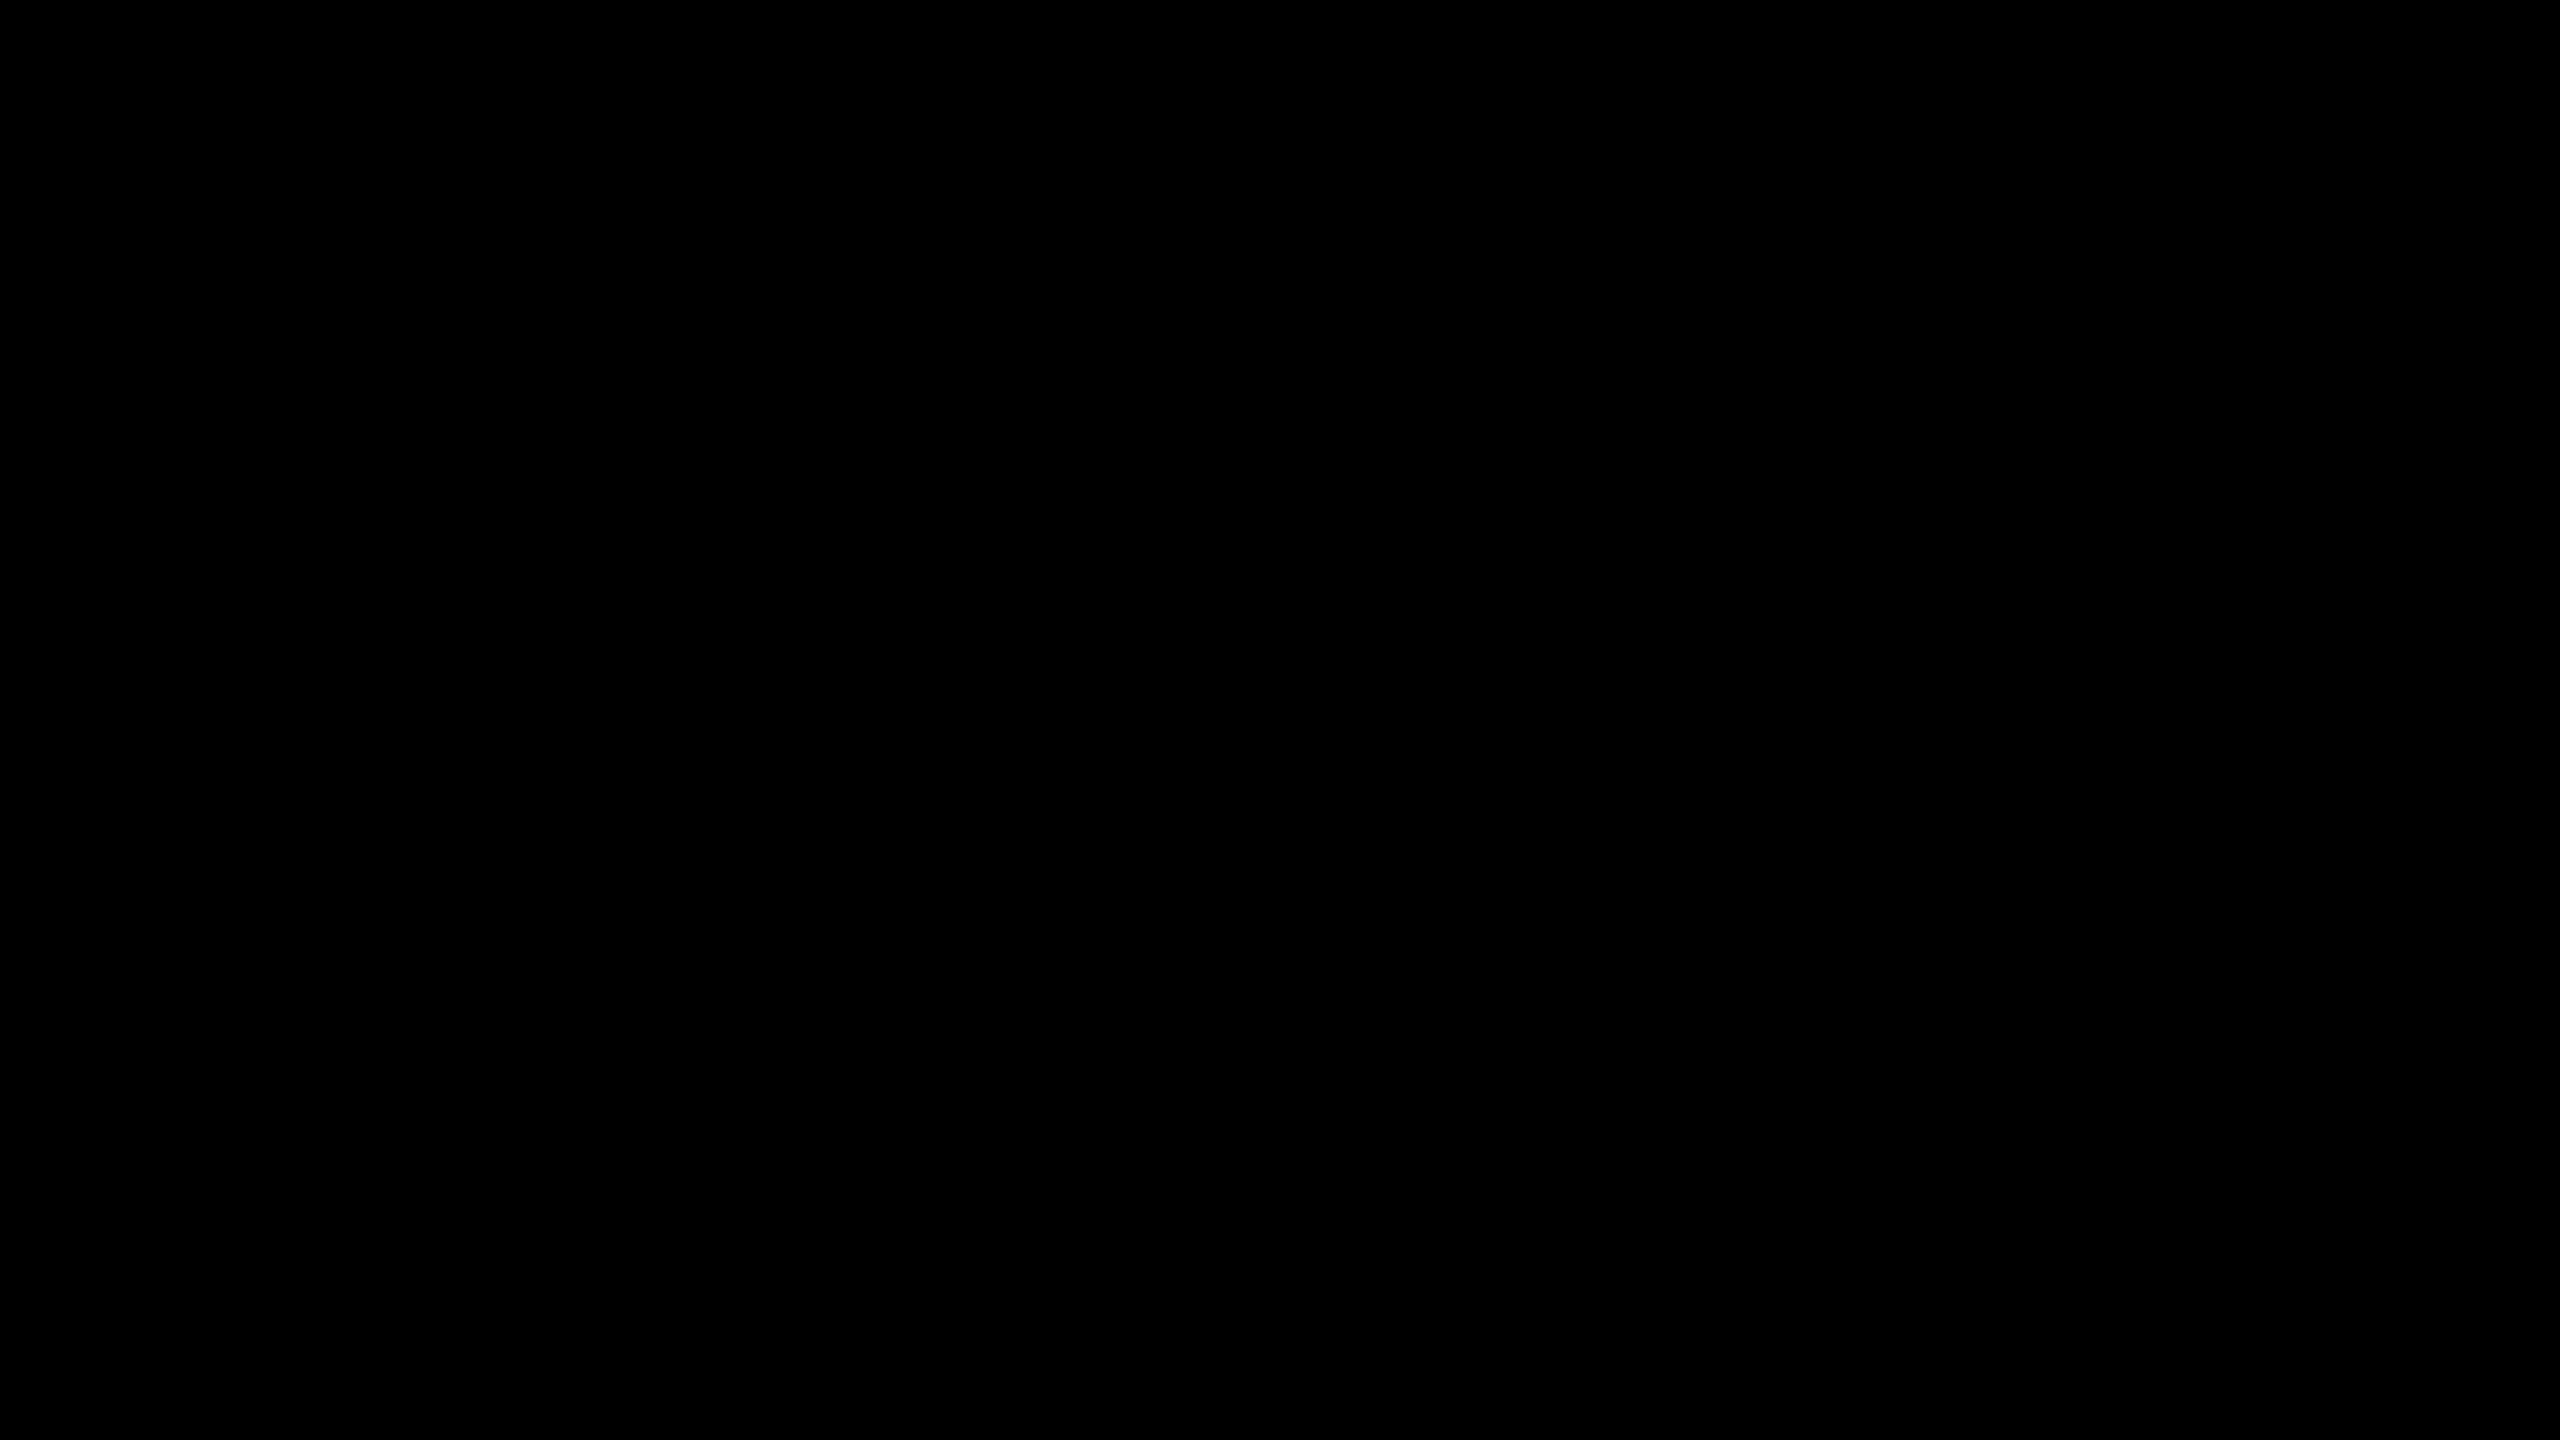 NethulBodiratn1